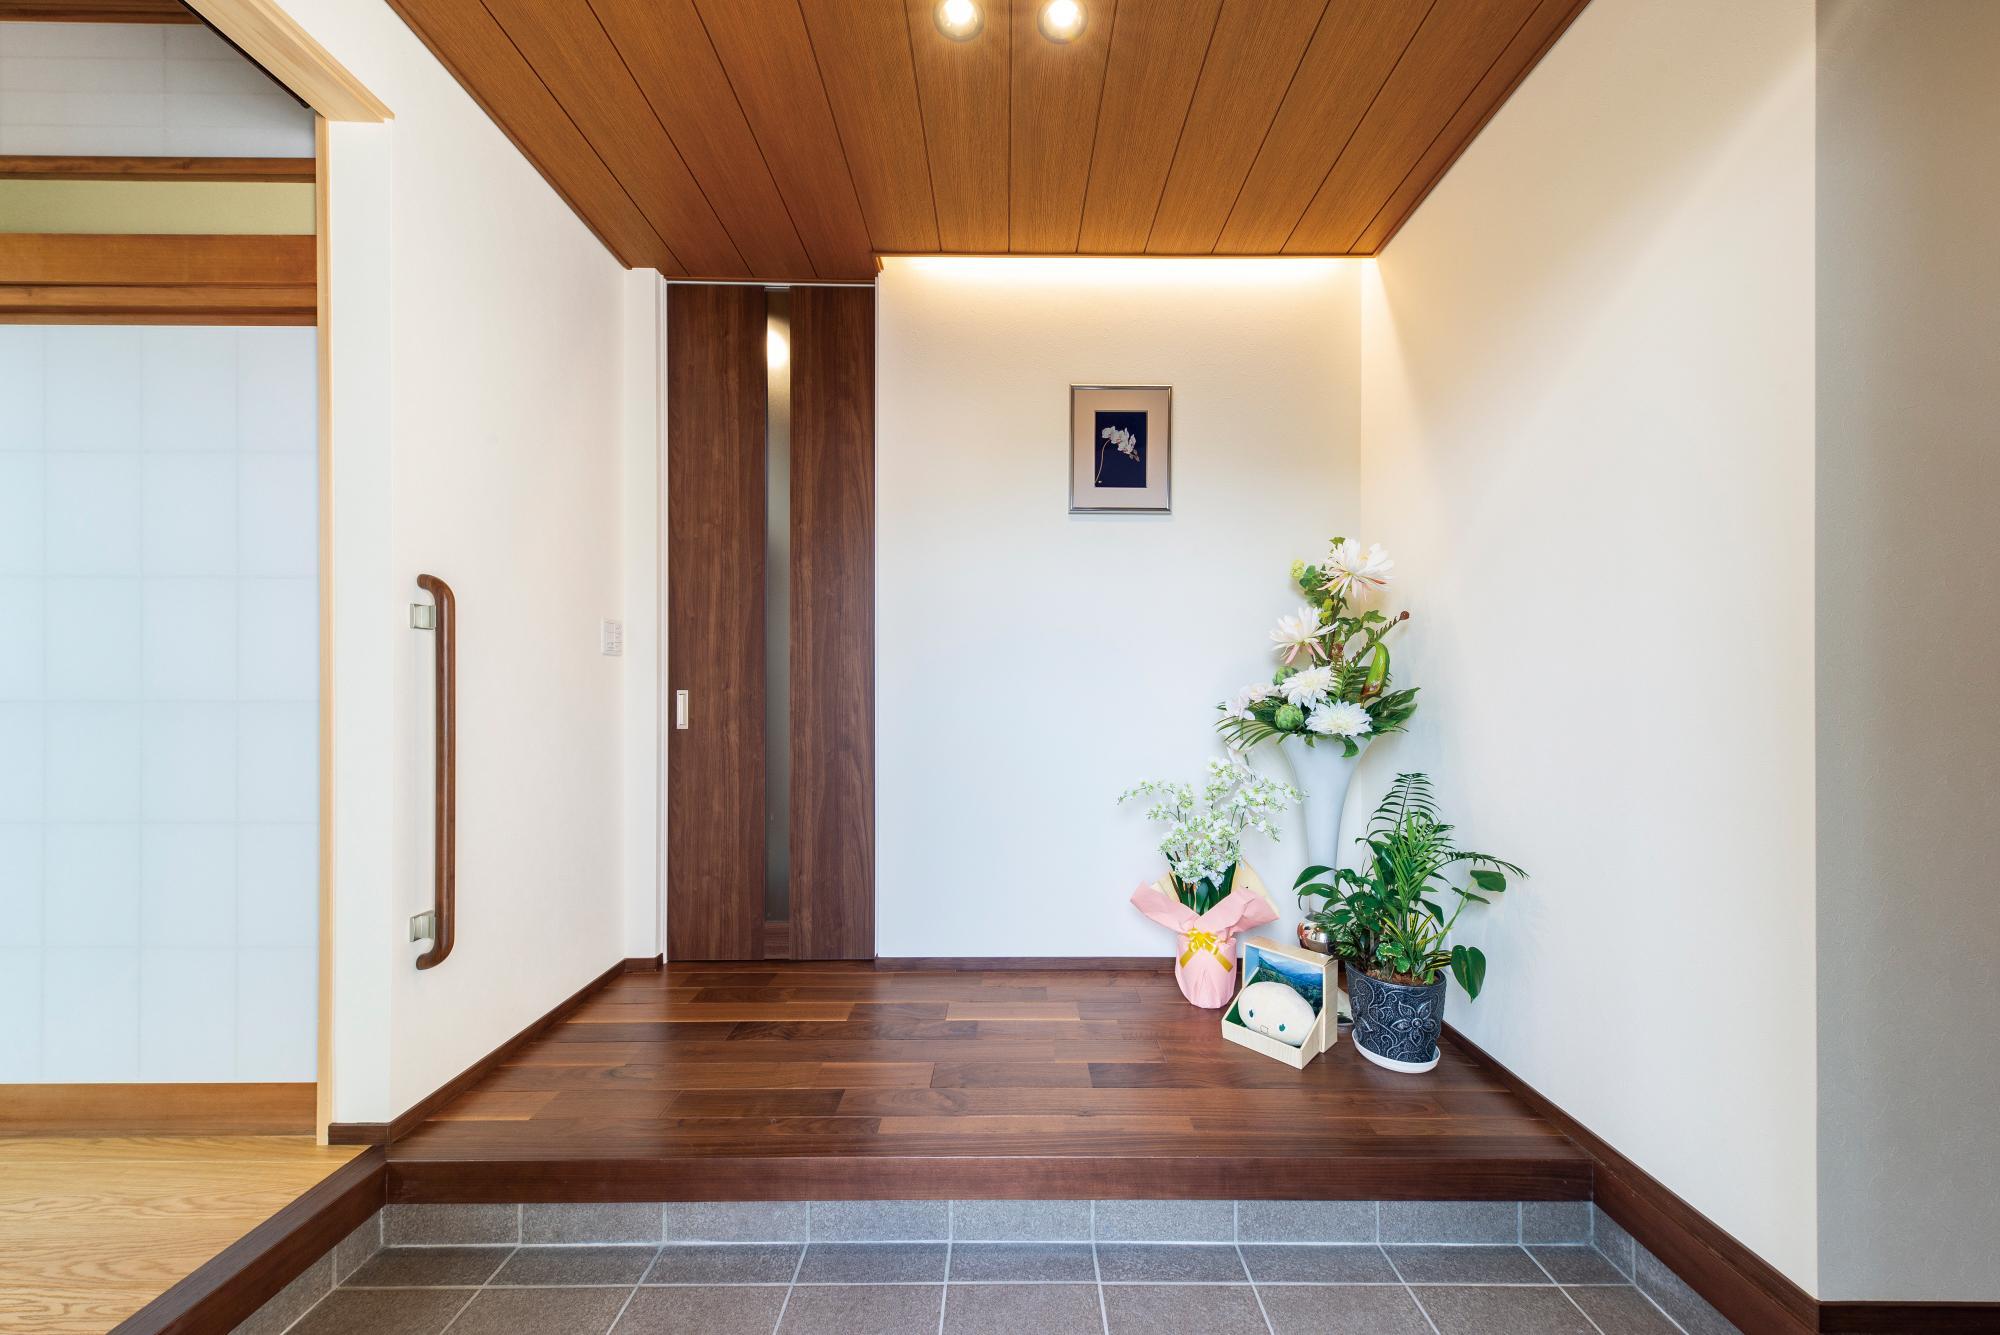 玄関とホールは以前よりも小さくなったが、明るく開放感のある空間に変わり、広々と感じられる。左にある広縁や右奥のキッチンへも直接上がることができる3WAY。来客を広縁から和室へ通すことも可能で、家族と動線を分けることができる